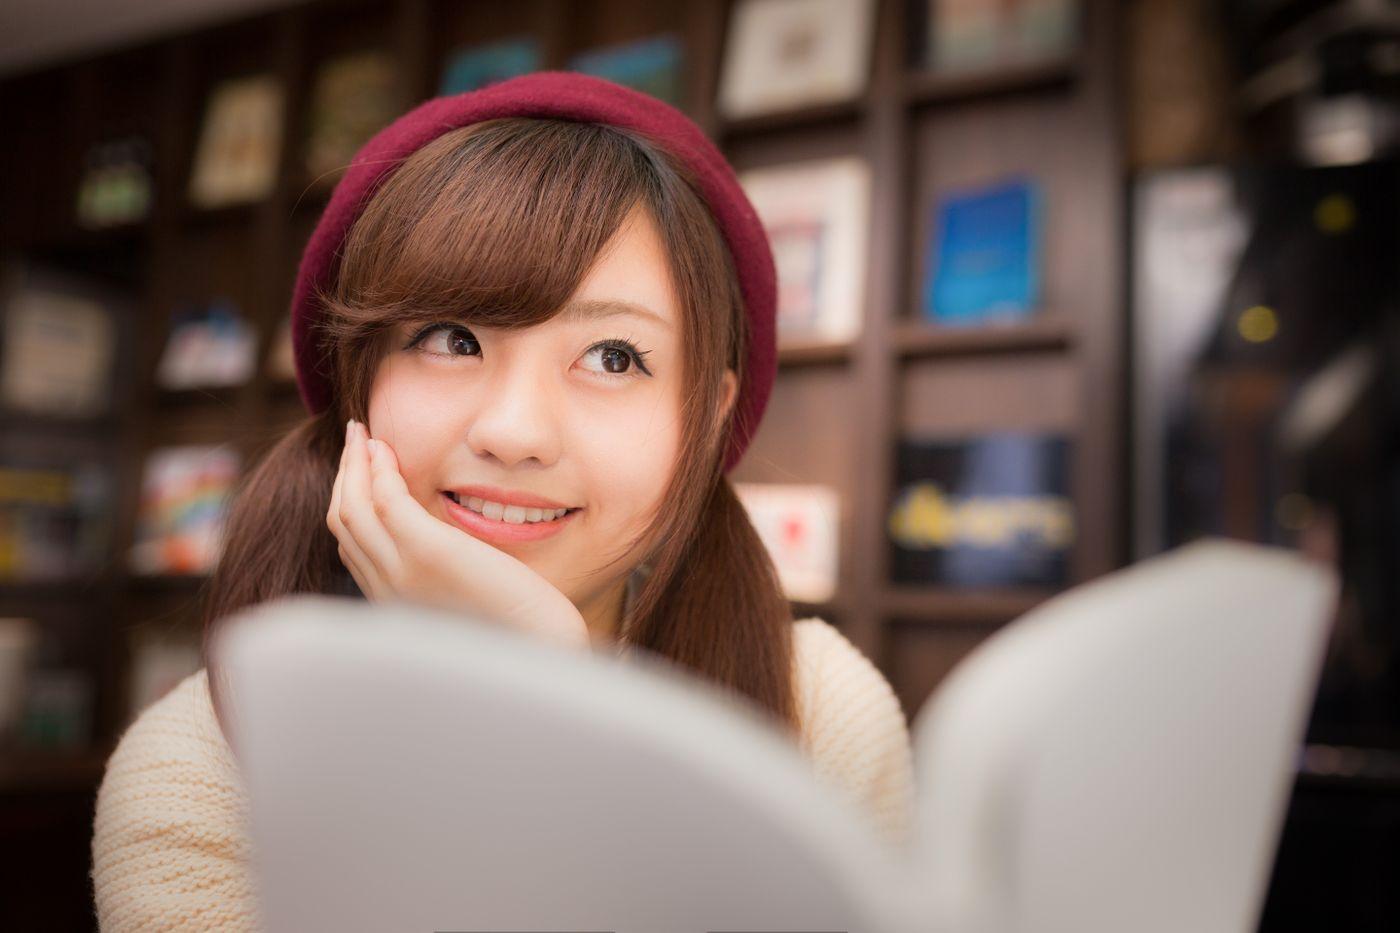 マンガを読みながら続きを妄想する美少女の写真